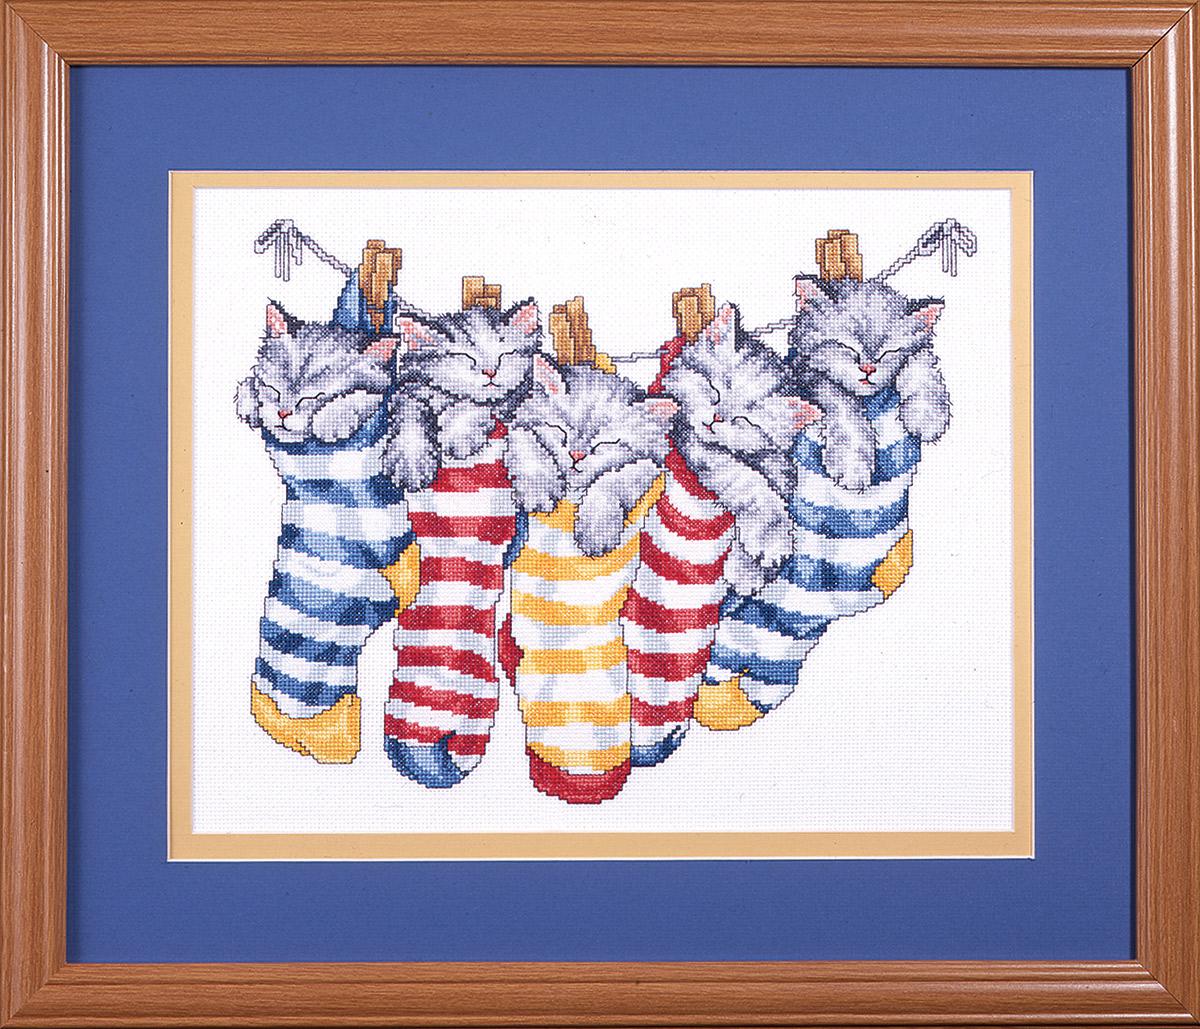 Набор для вышивания крестом Design Works Котята на прищепках, 31 х 36 см9997Канва Аида 14 (100% хлопок), нитки мулине (100% хлопок), игла, подробная инструкция со схемой вышивки на русском языке